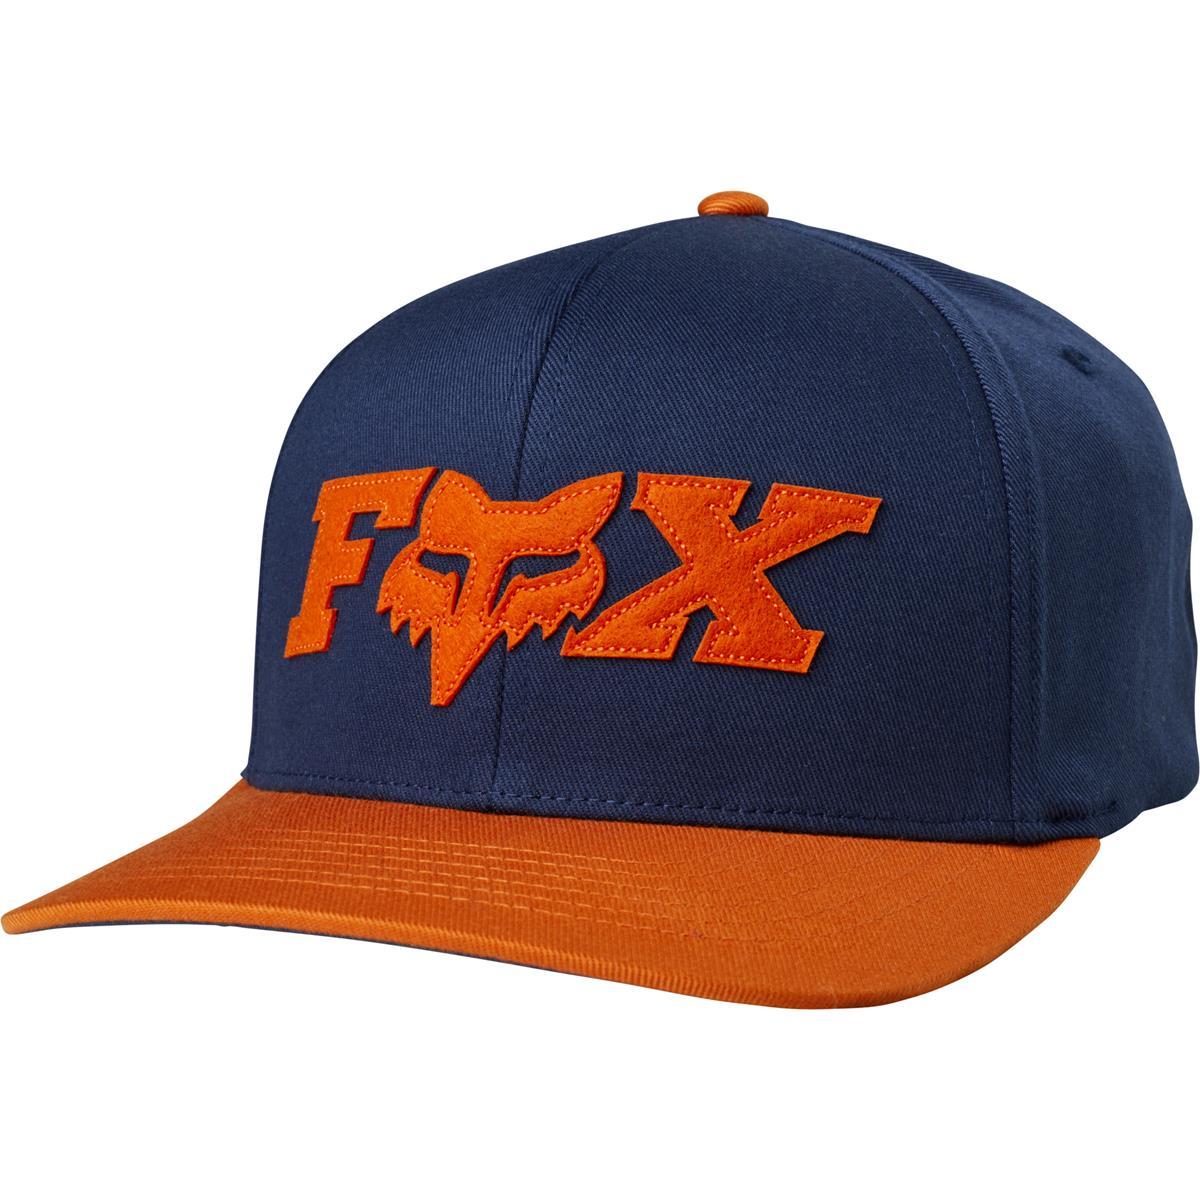 Fox Flexfit Cap Dun Navy